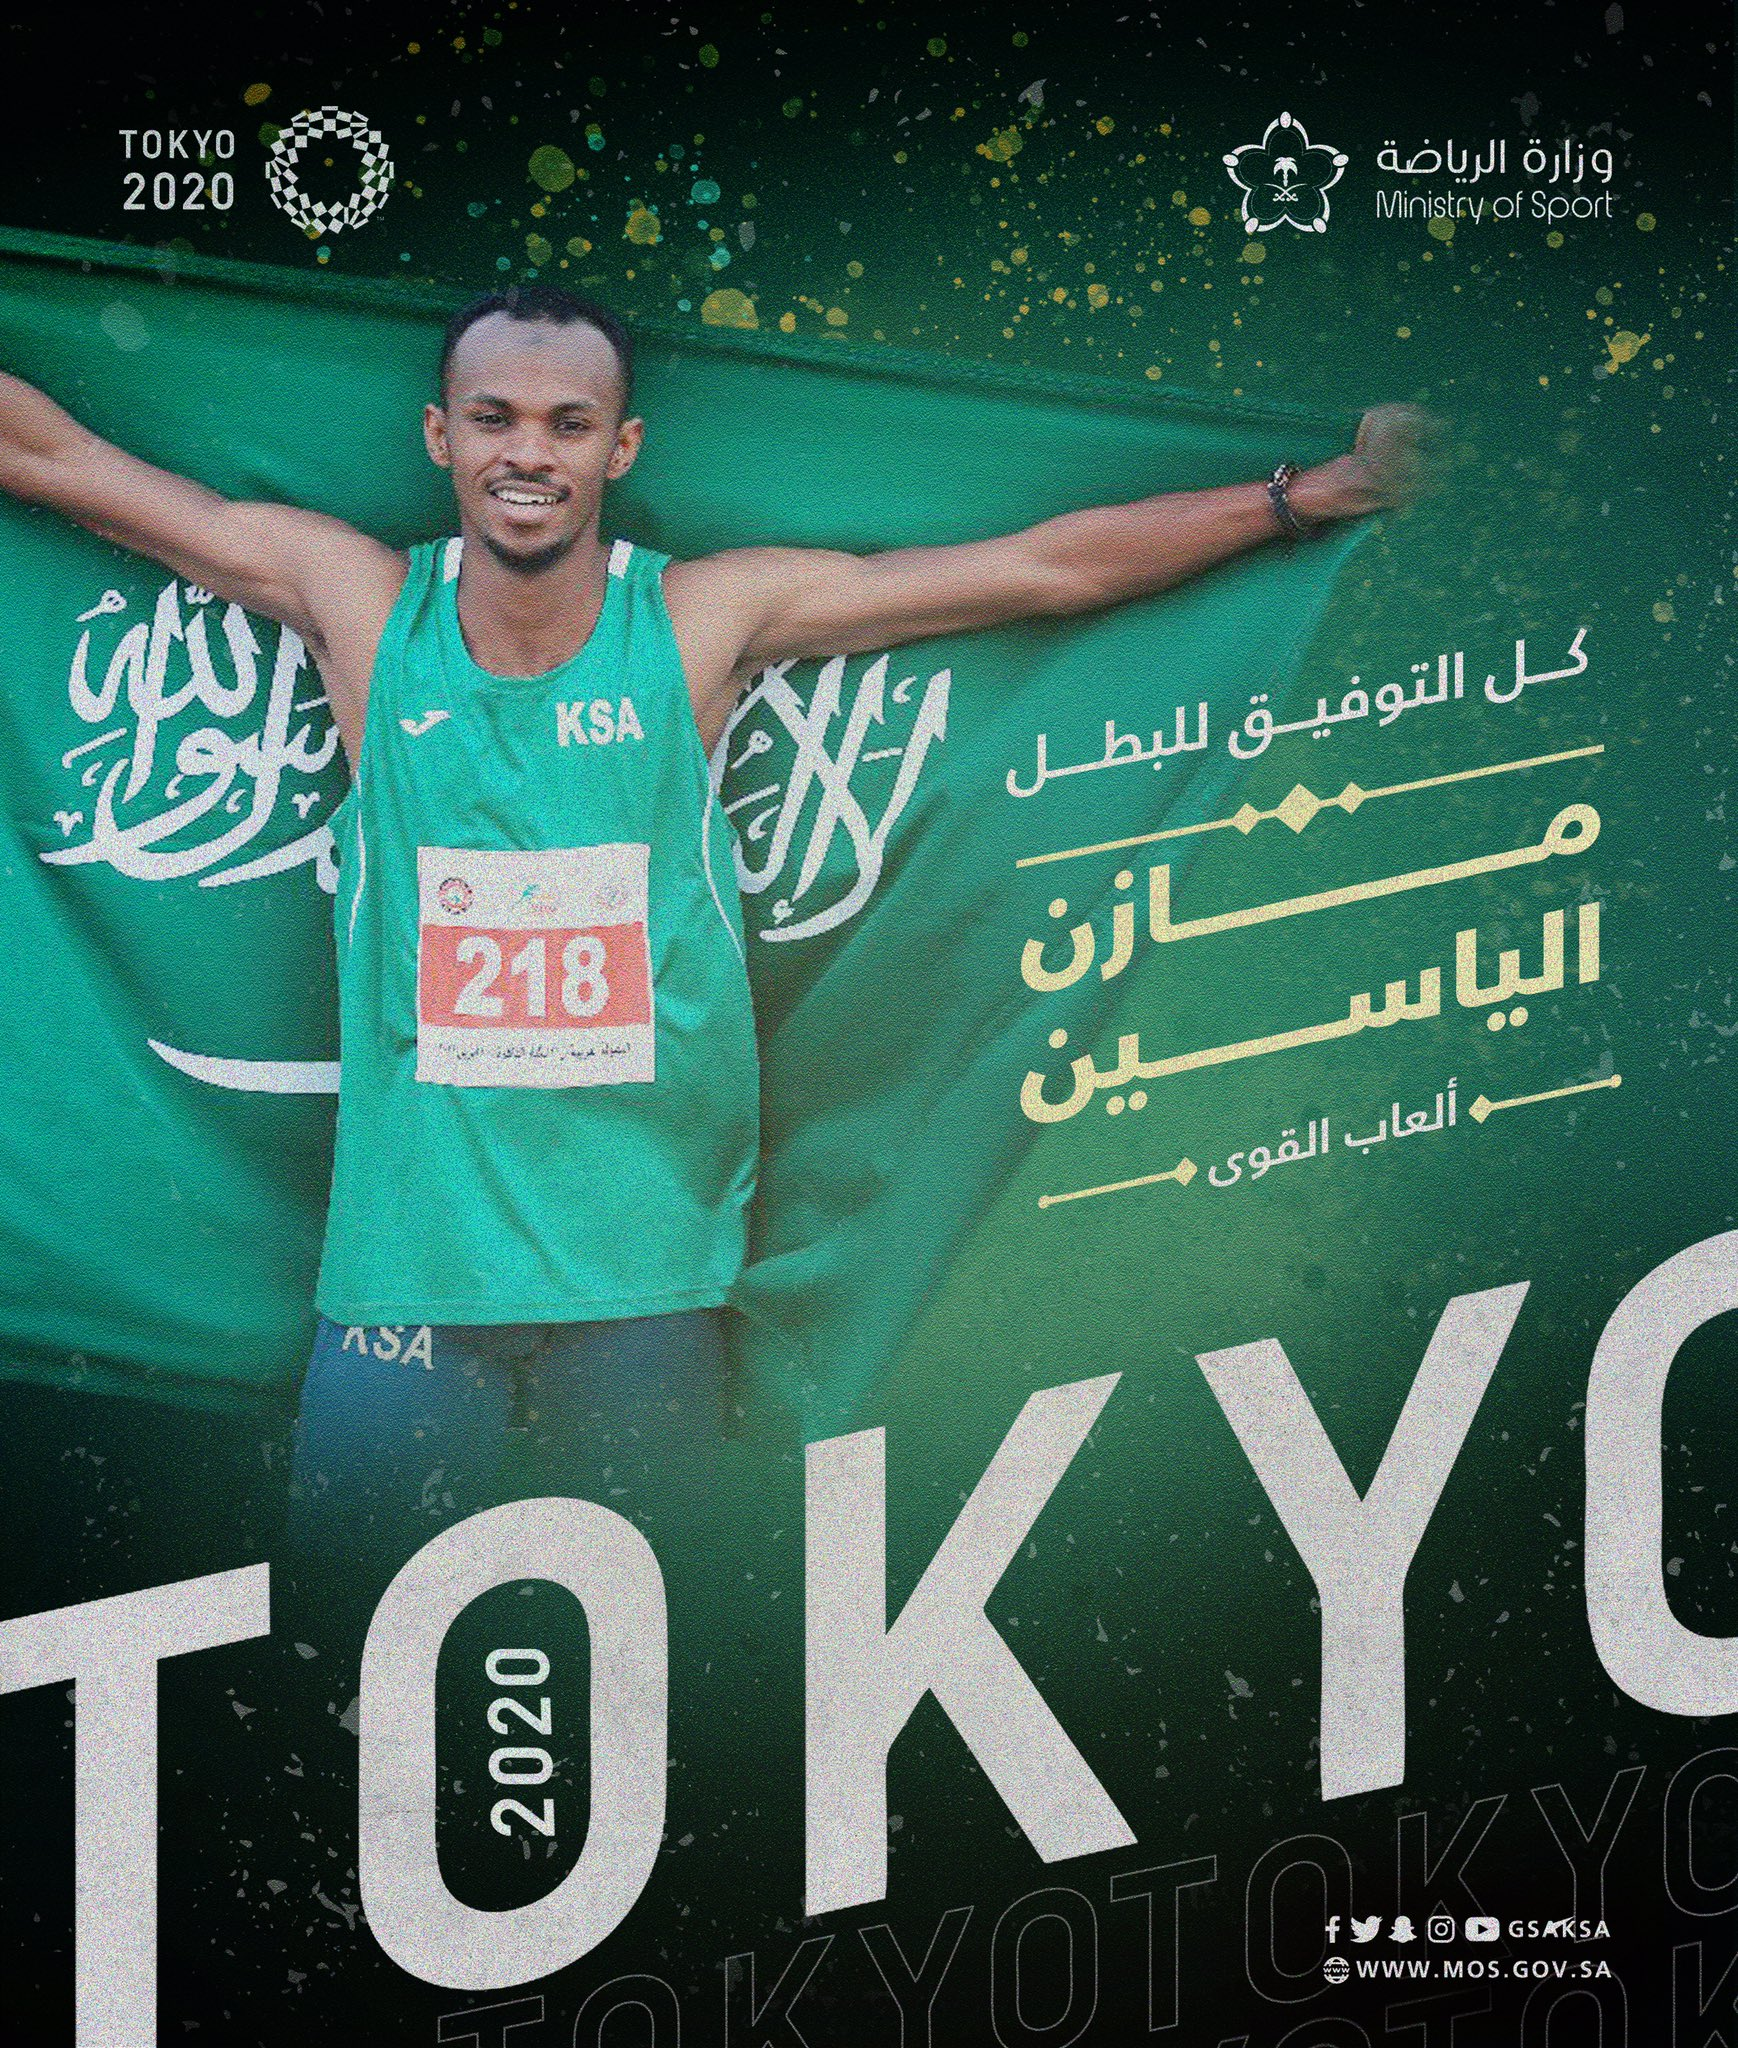 صورة من حساب وزارة الرياضة السعودية على تويت